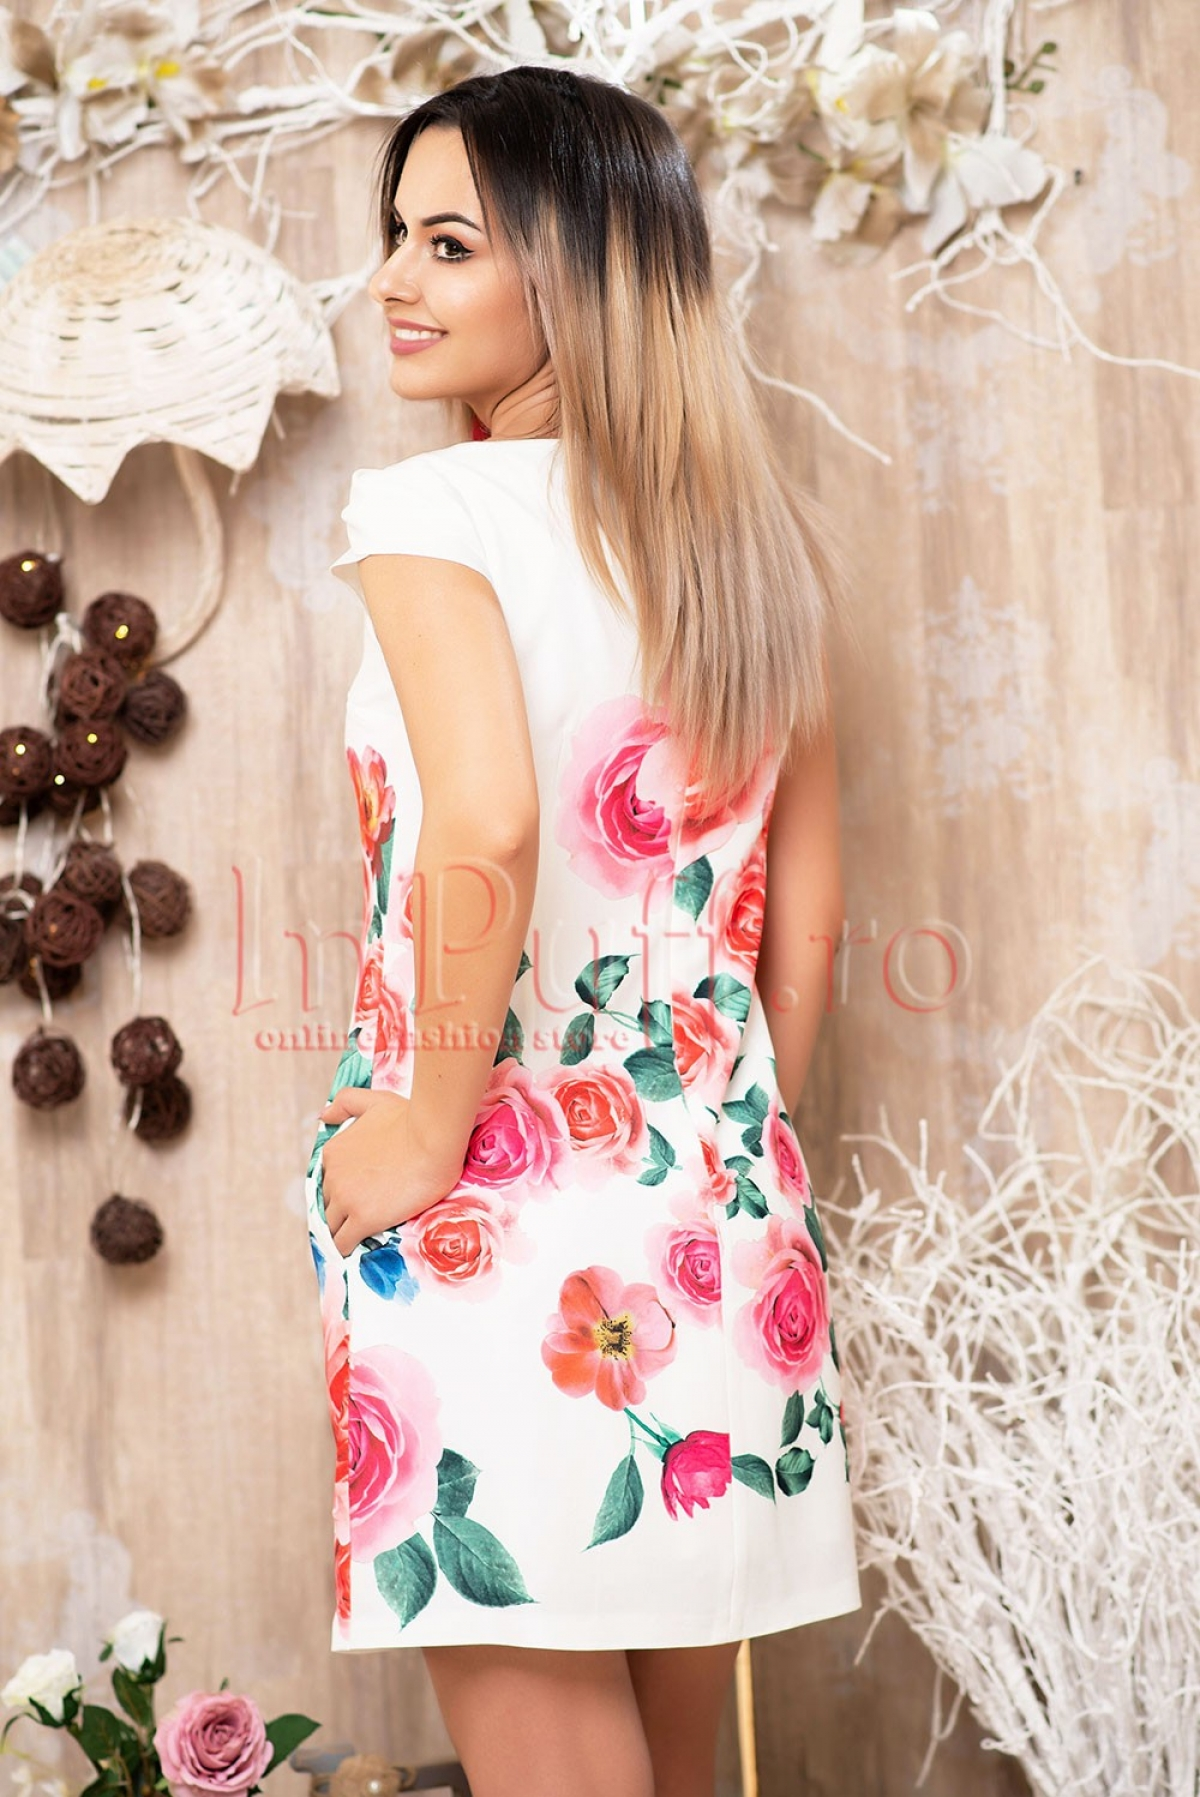 Rochie MBG alba cu imprimeu trandafiri